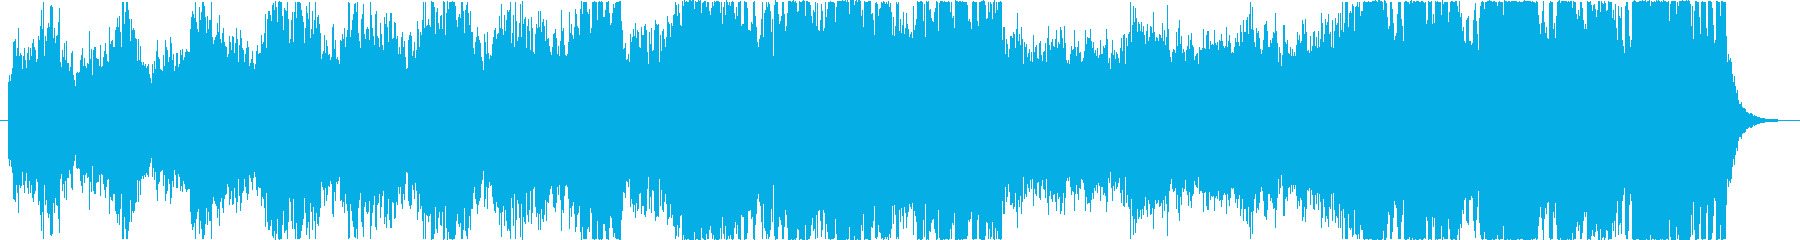 決戦前の熱い闘志/壮大なオーケストラ風の再生済みの波形